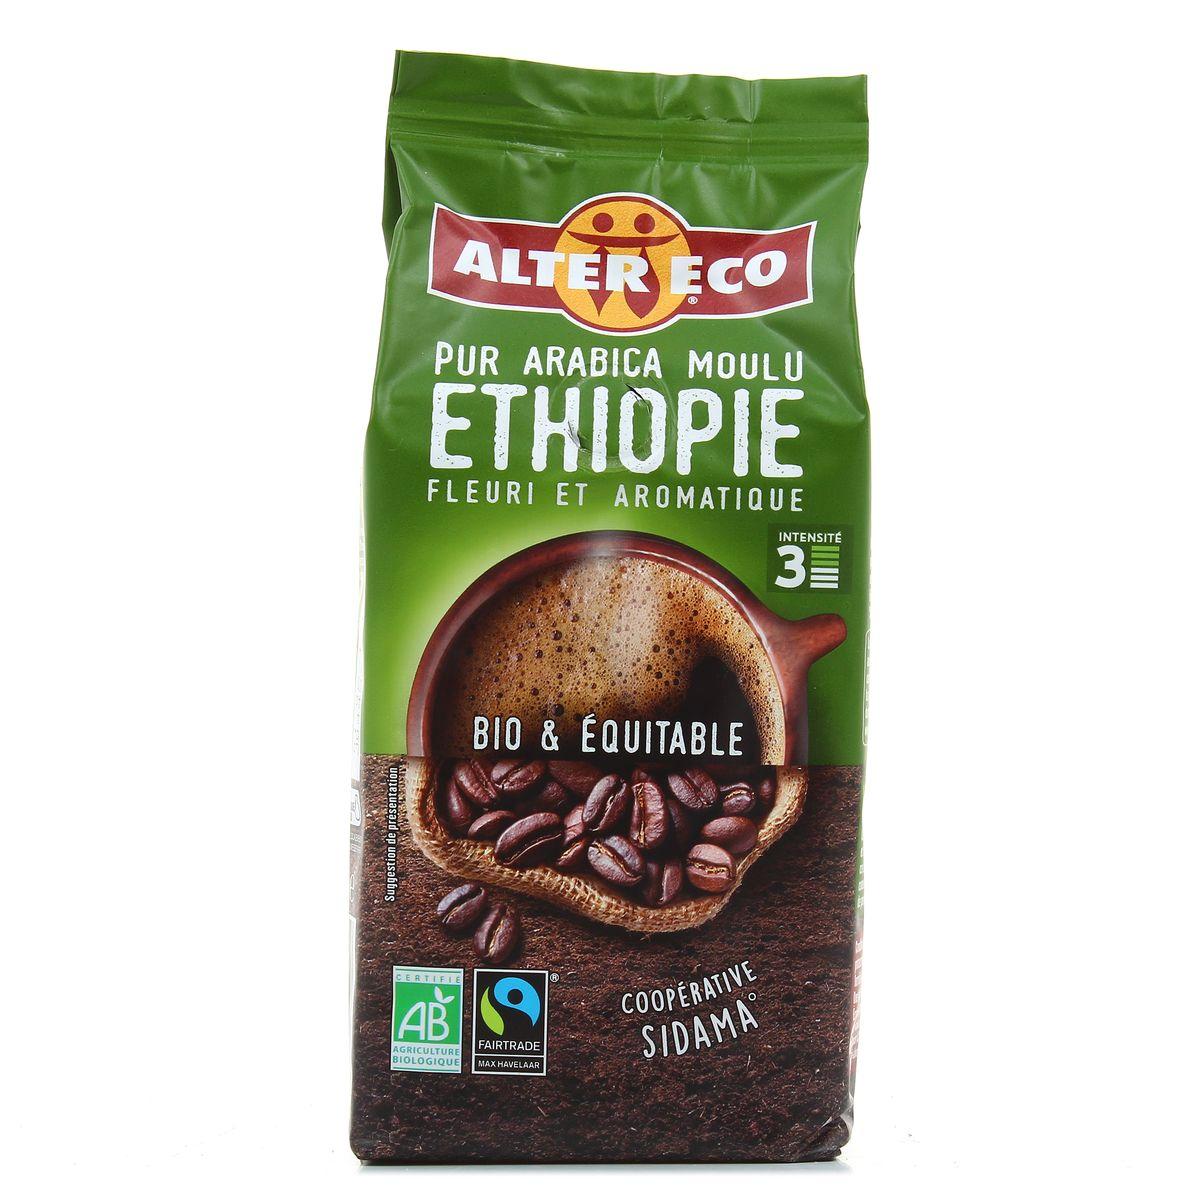 Alter Eco - Commerce Equitable Café pur arabica moulu d'Ethiopie bio, 260g